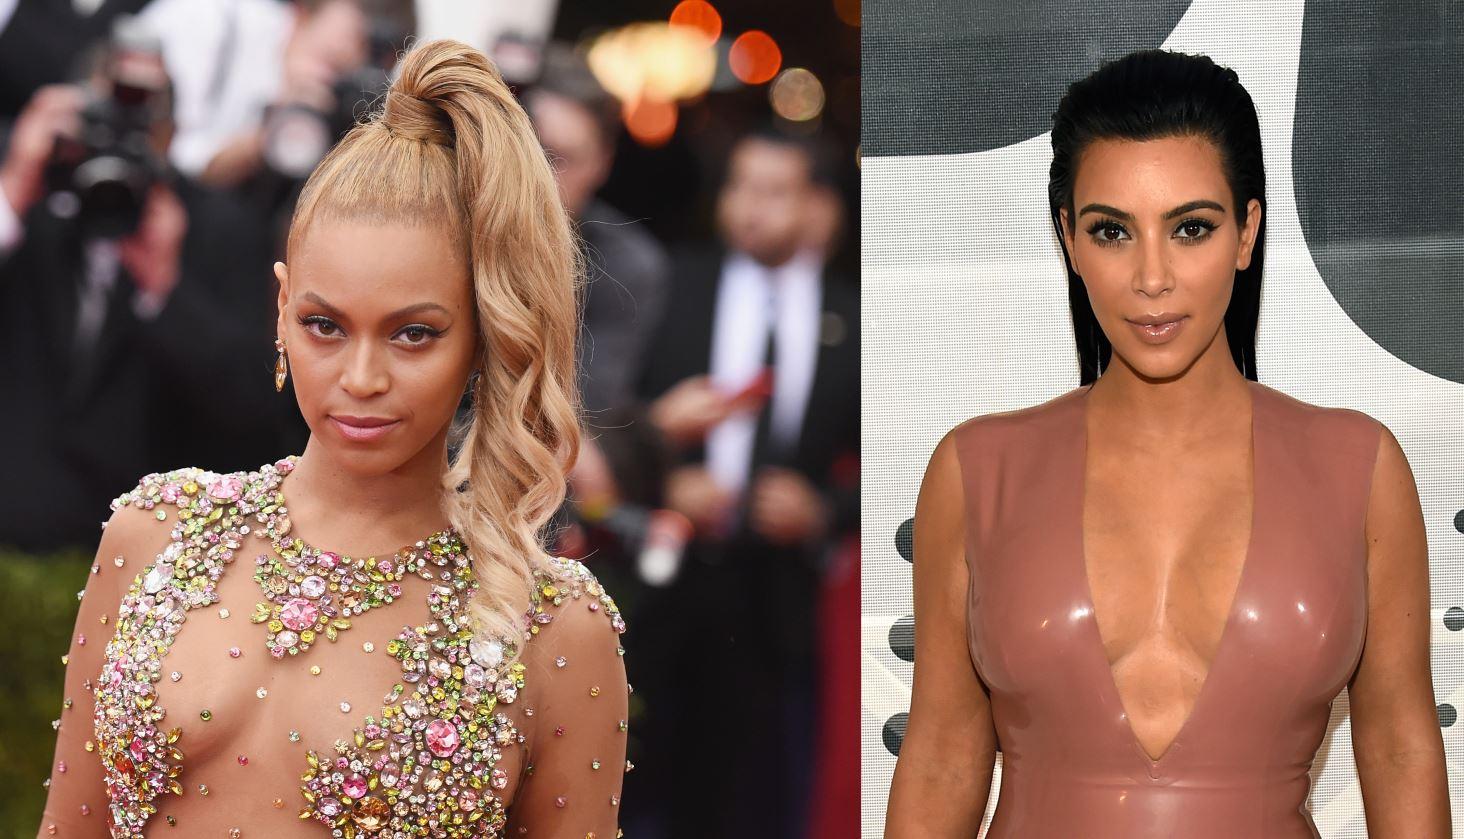 Beyonce Kim Kardashian feud